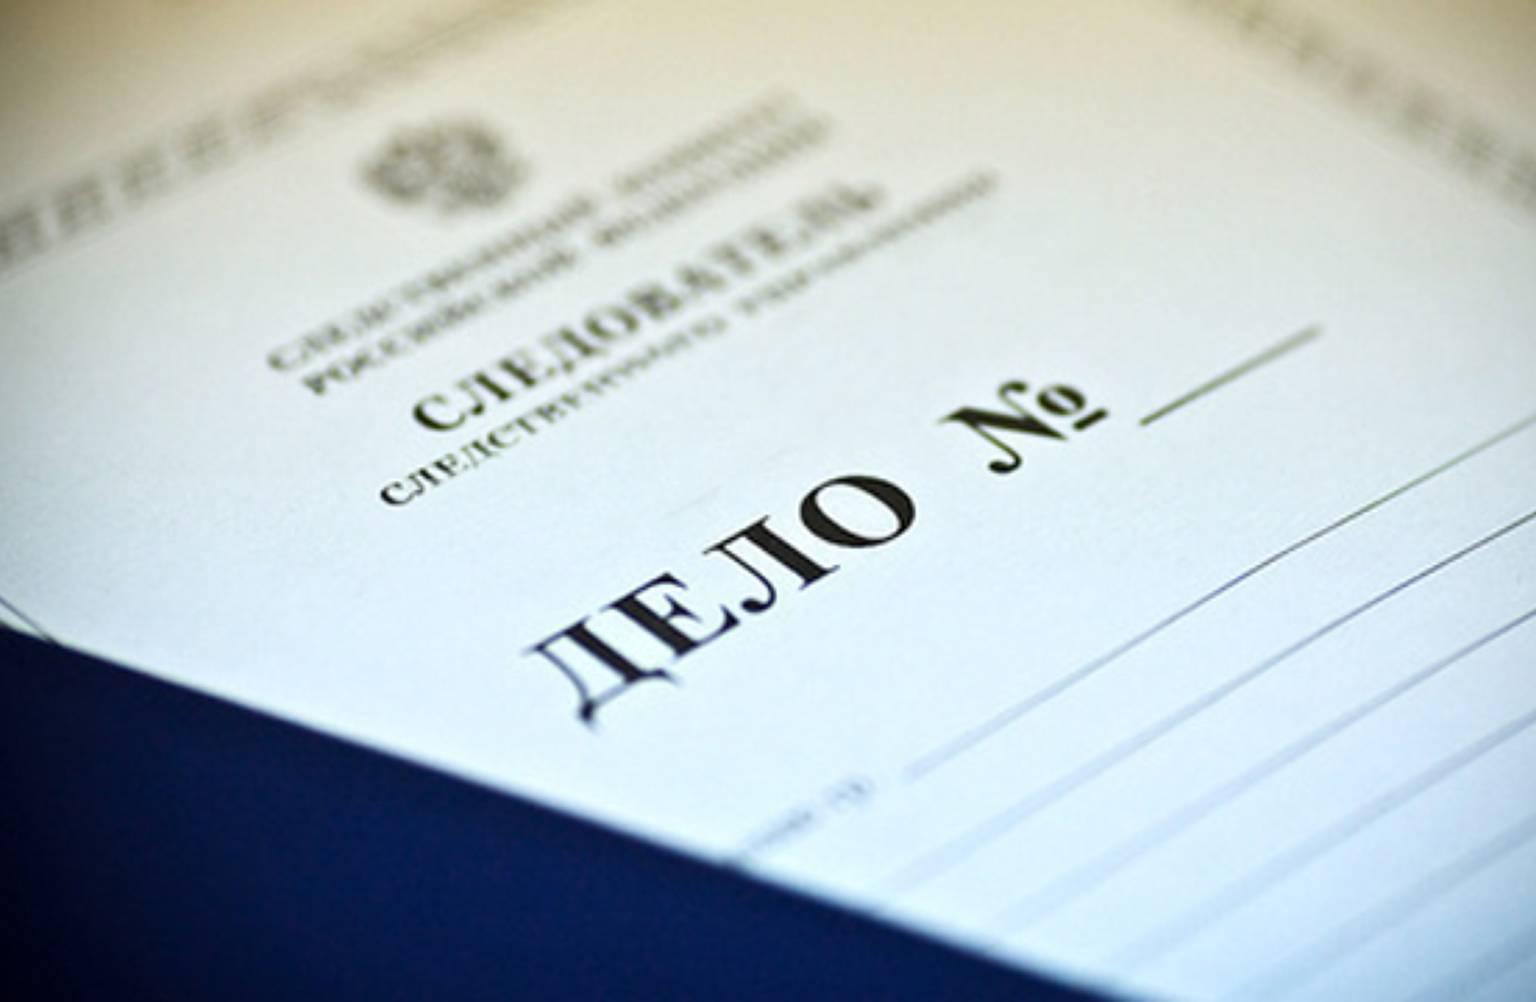 Возбуждено уголовное дело по факту растраты в Главном управлении МЧС России по Вологодской области